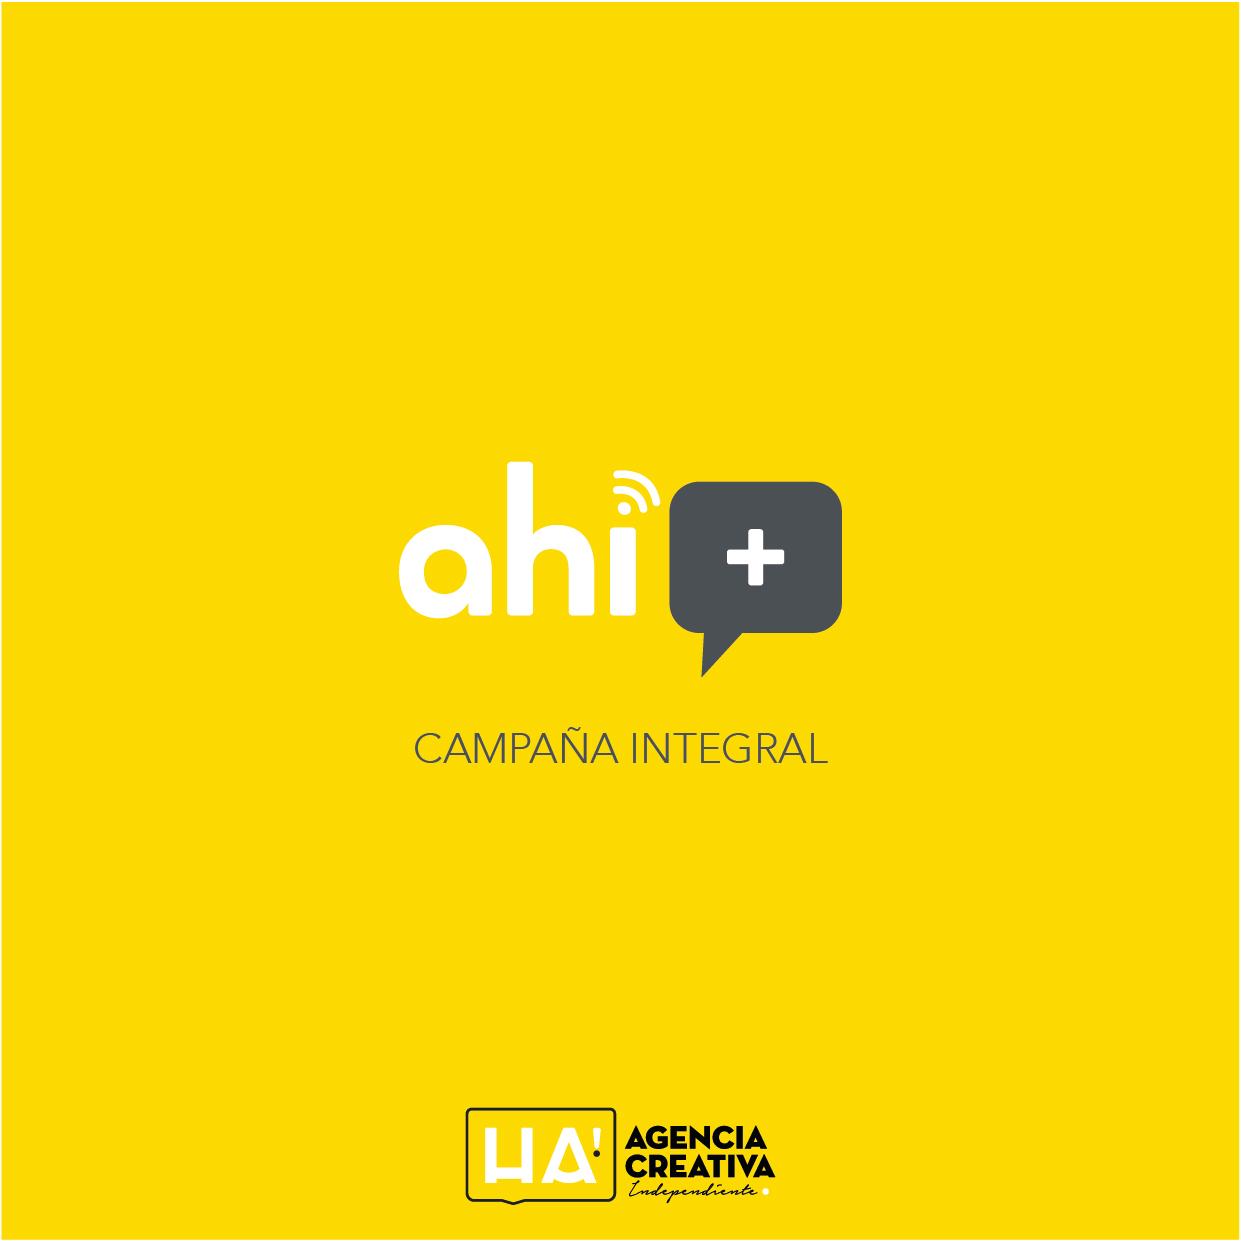 Campaña publicitaria para Ahí +